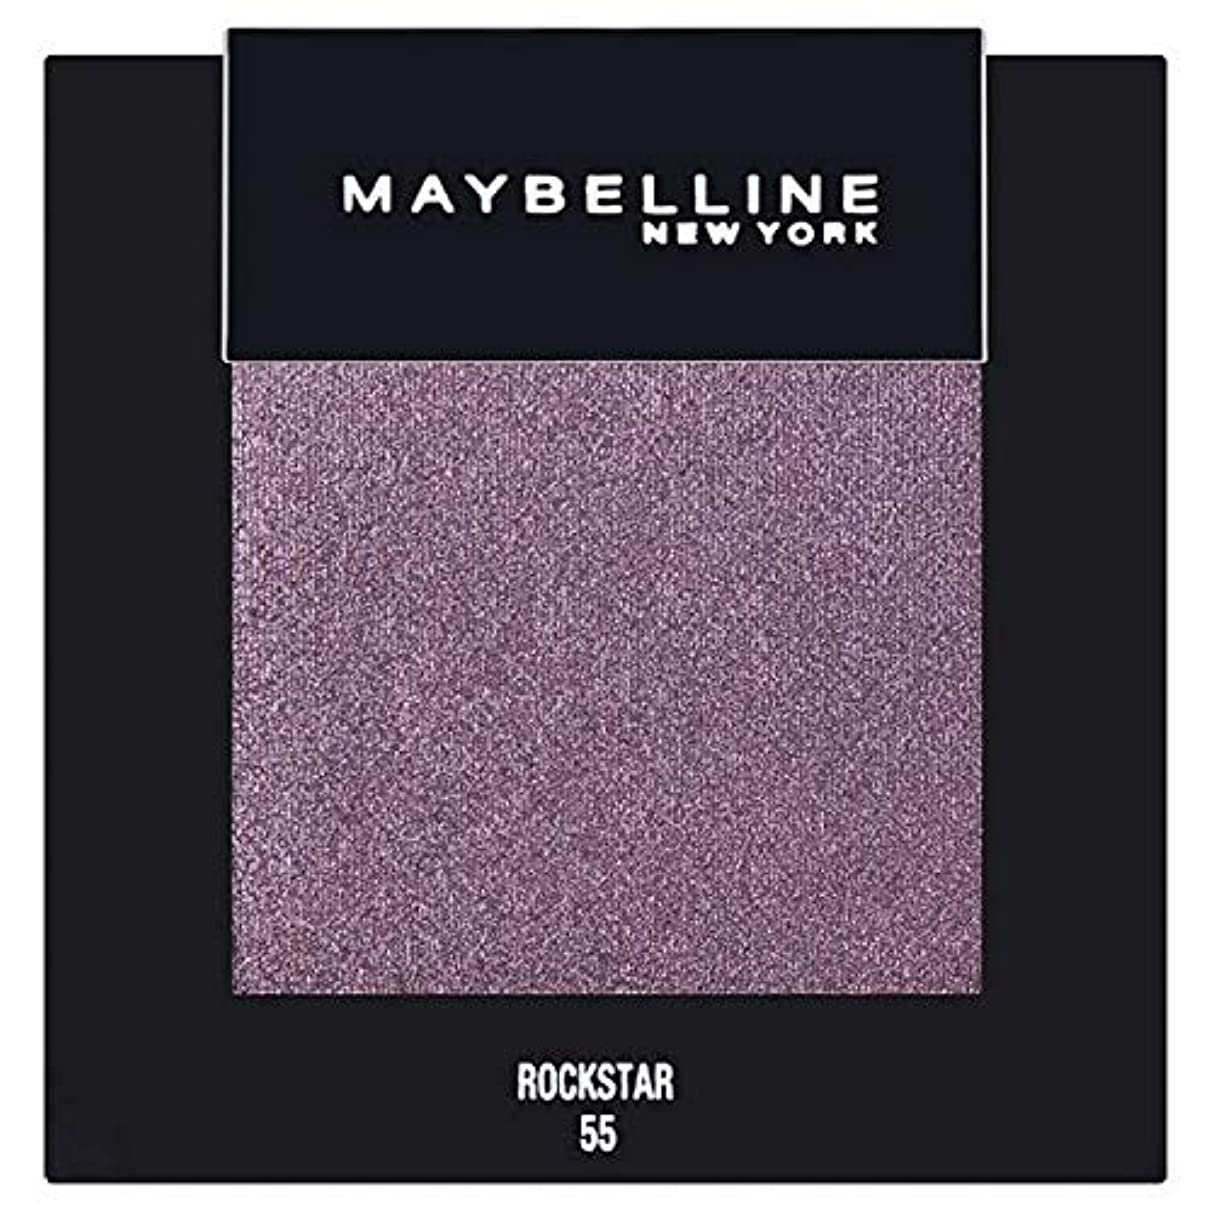 物理ウルル圧倒的[Maybelline ] メイベリンカラーショーシングルアイシャドウ55ロックスター - Maybelline Color Show Single Eyeshadow 55 Rockstar [並行輸入品]